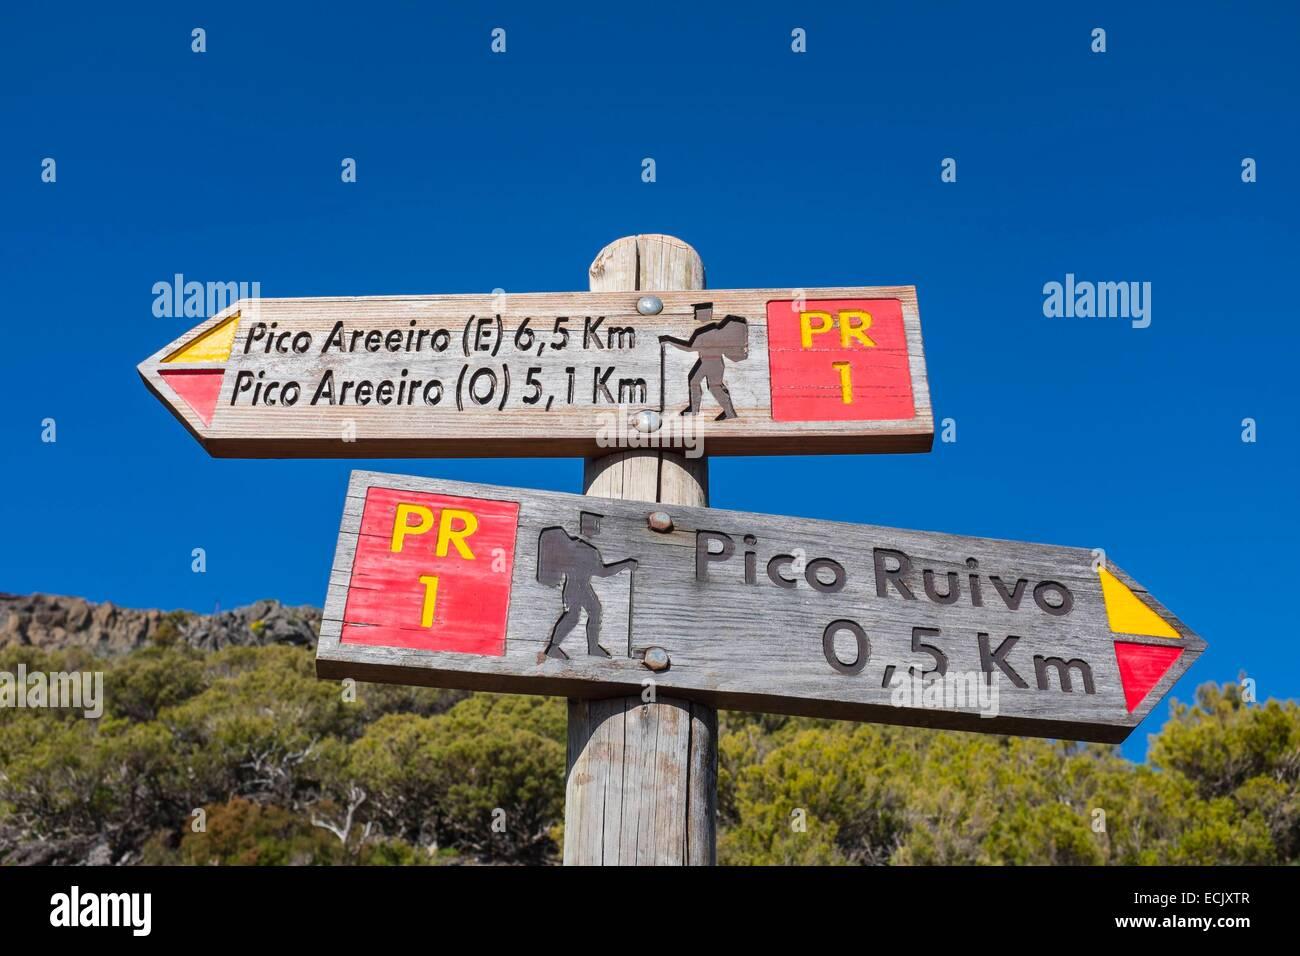 Portugal, Madeira island, hike between Pico Ruivo and Pico Arieiro - Stock Image